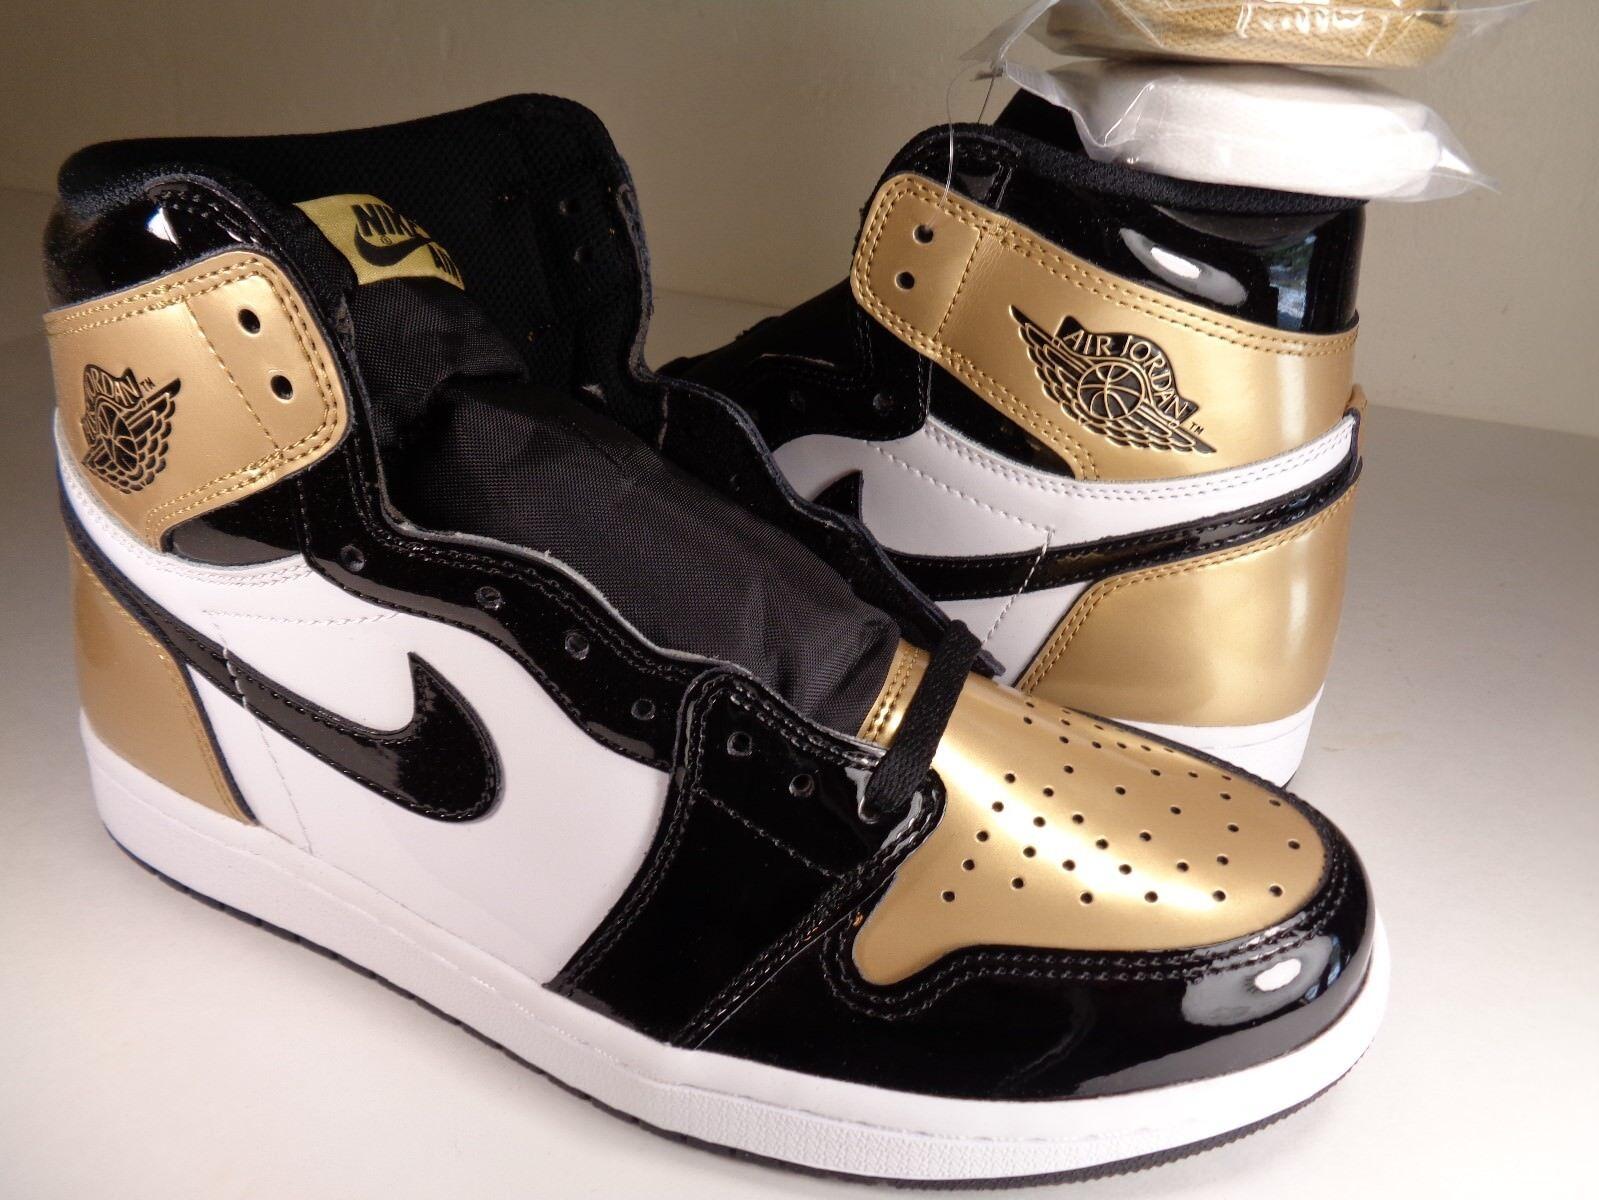 Nike Air Jordan Retro 1 High OG NRG Gold Toe Black White SZ 11 (861428-007)